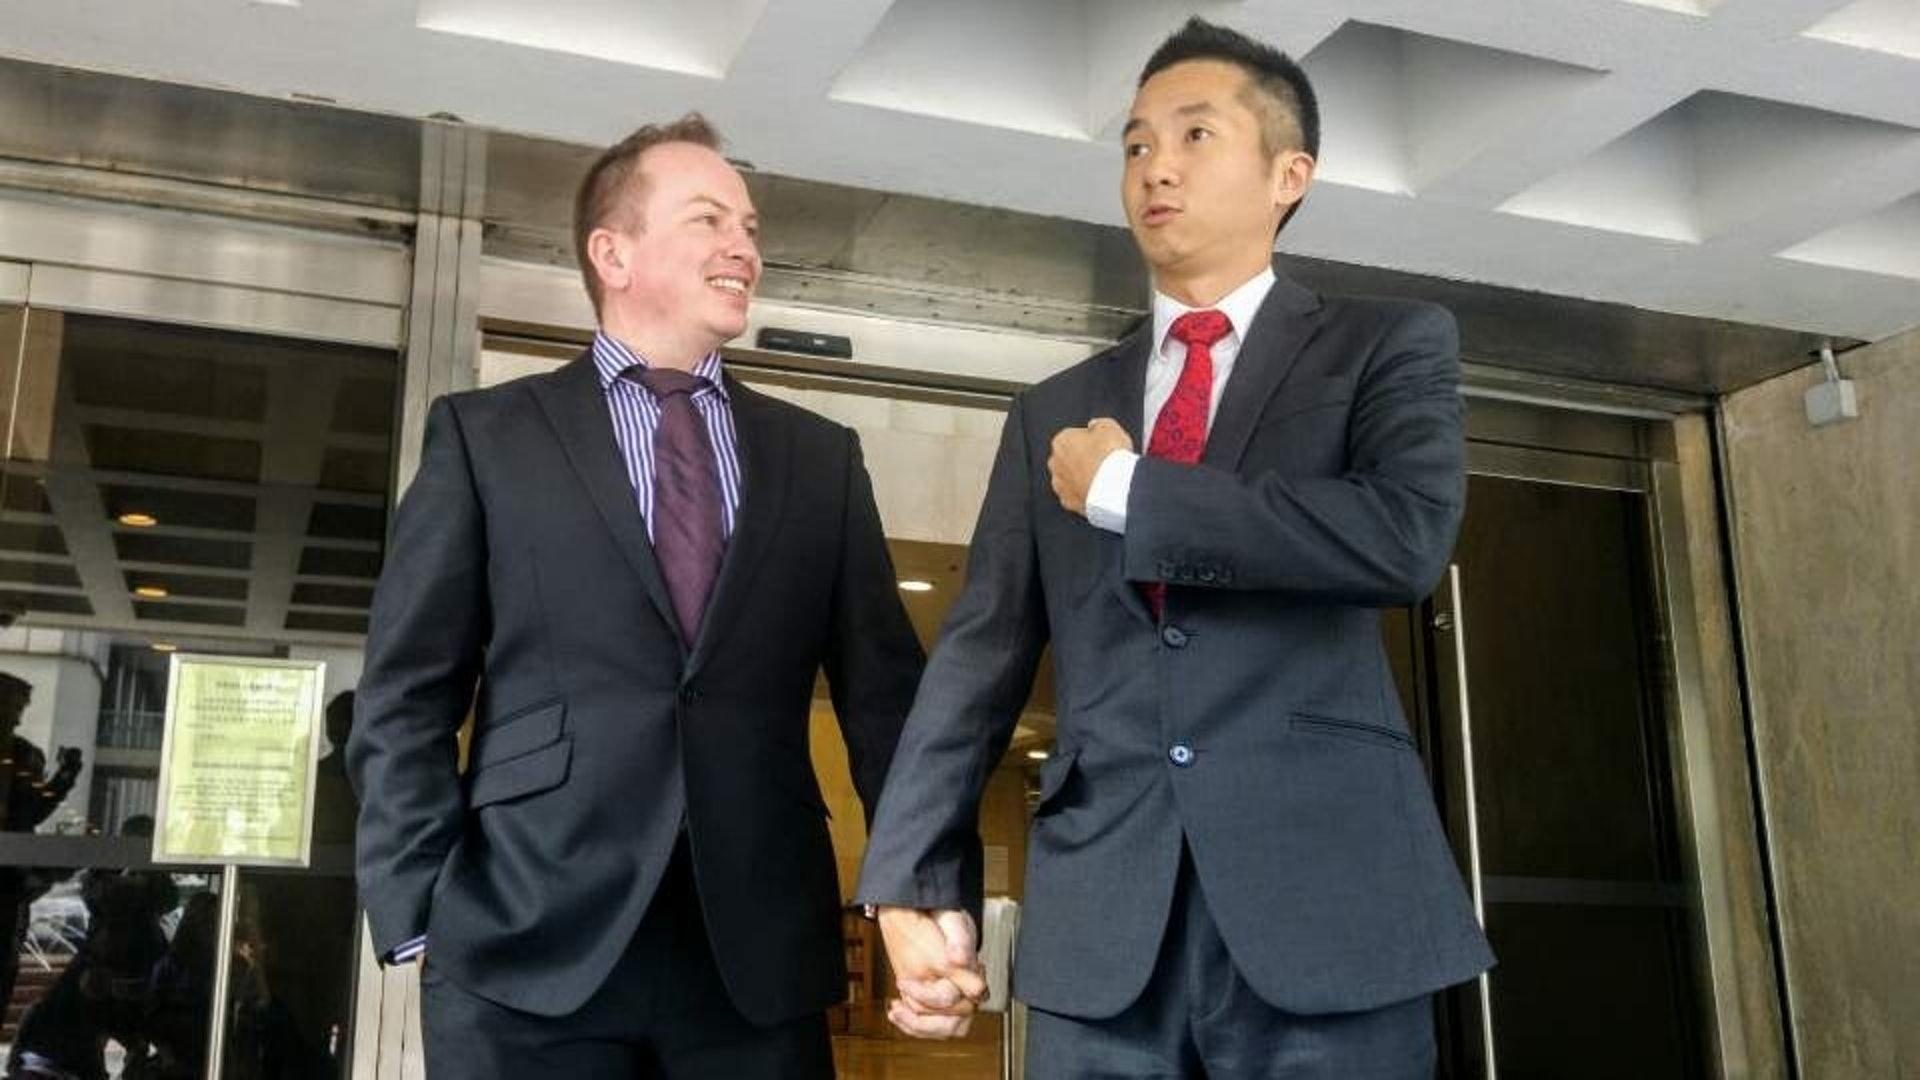 上訴人梁鎮罡(右)和其同性伴侶Scott Paul Adams。(資料圖片)